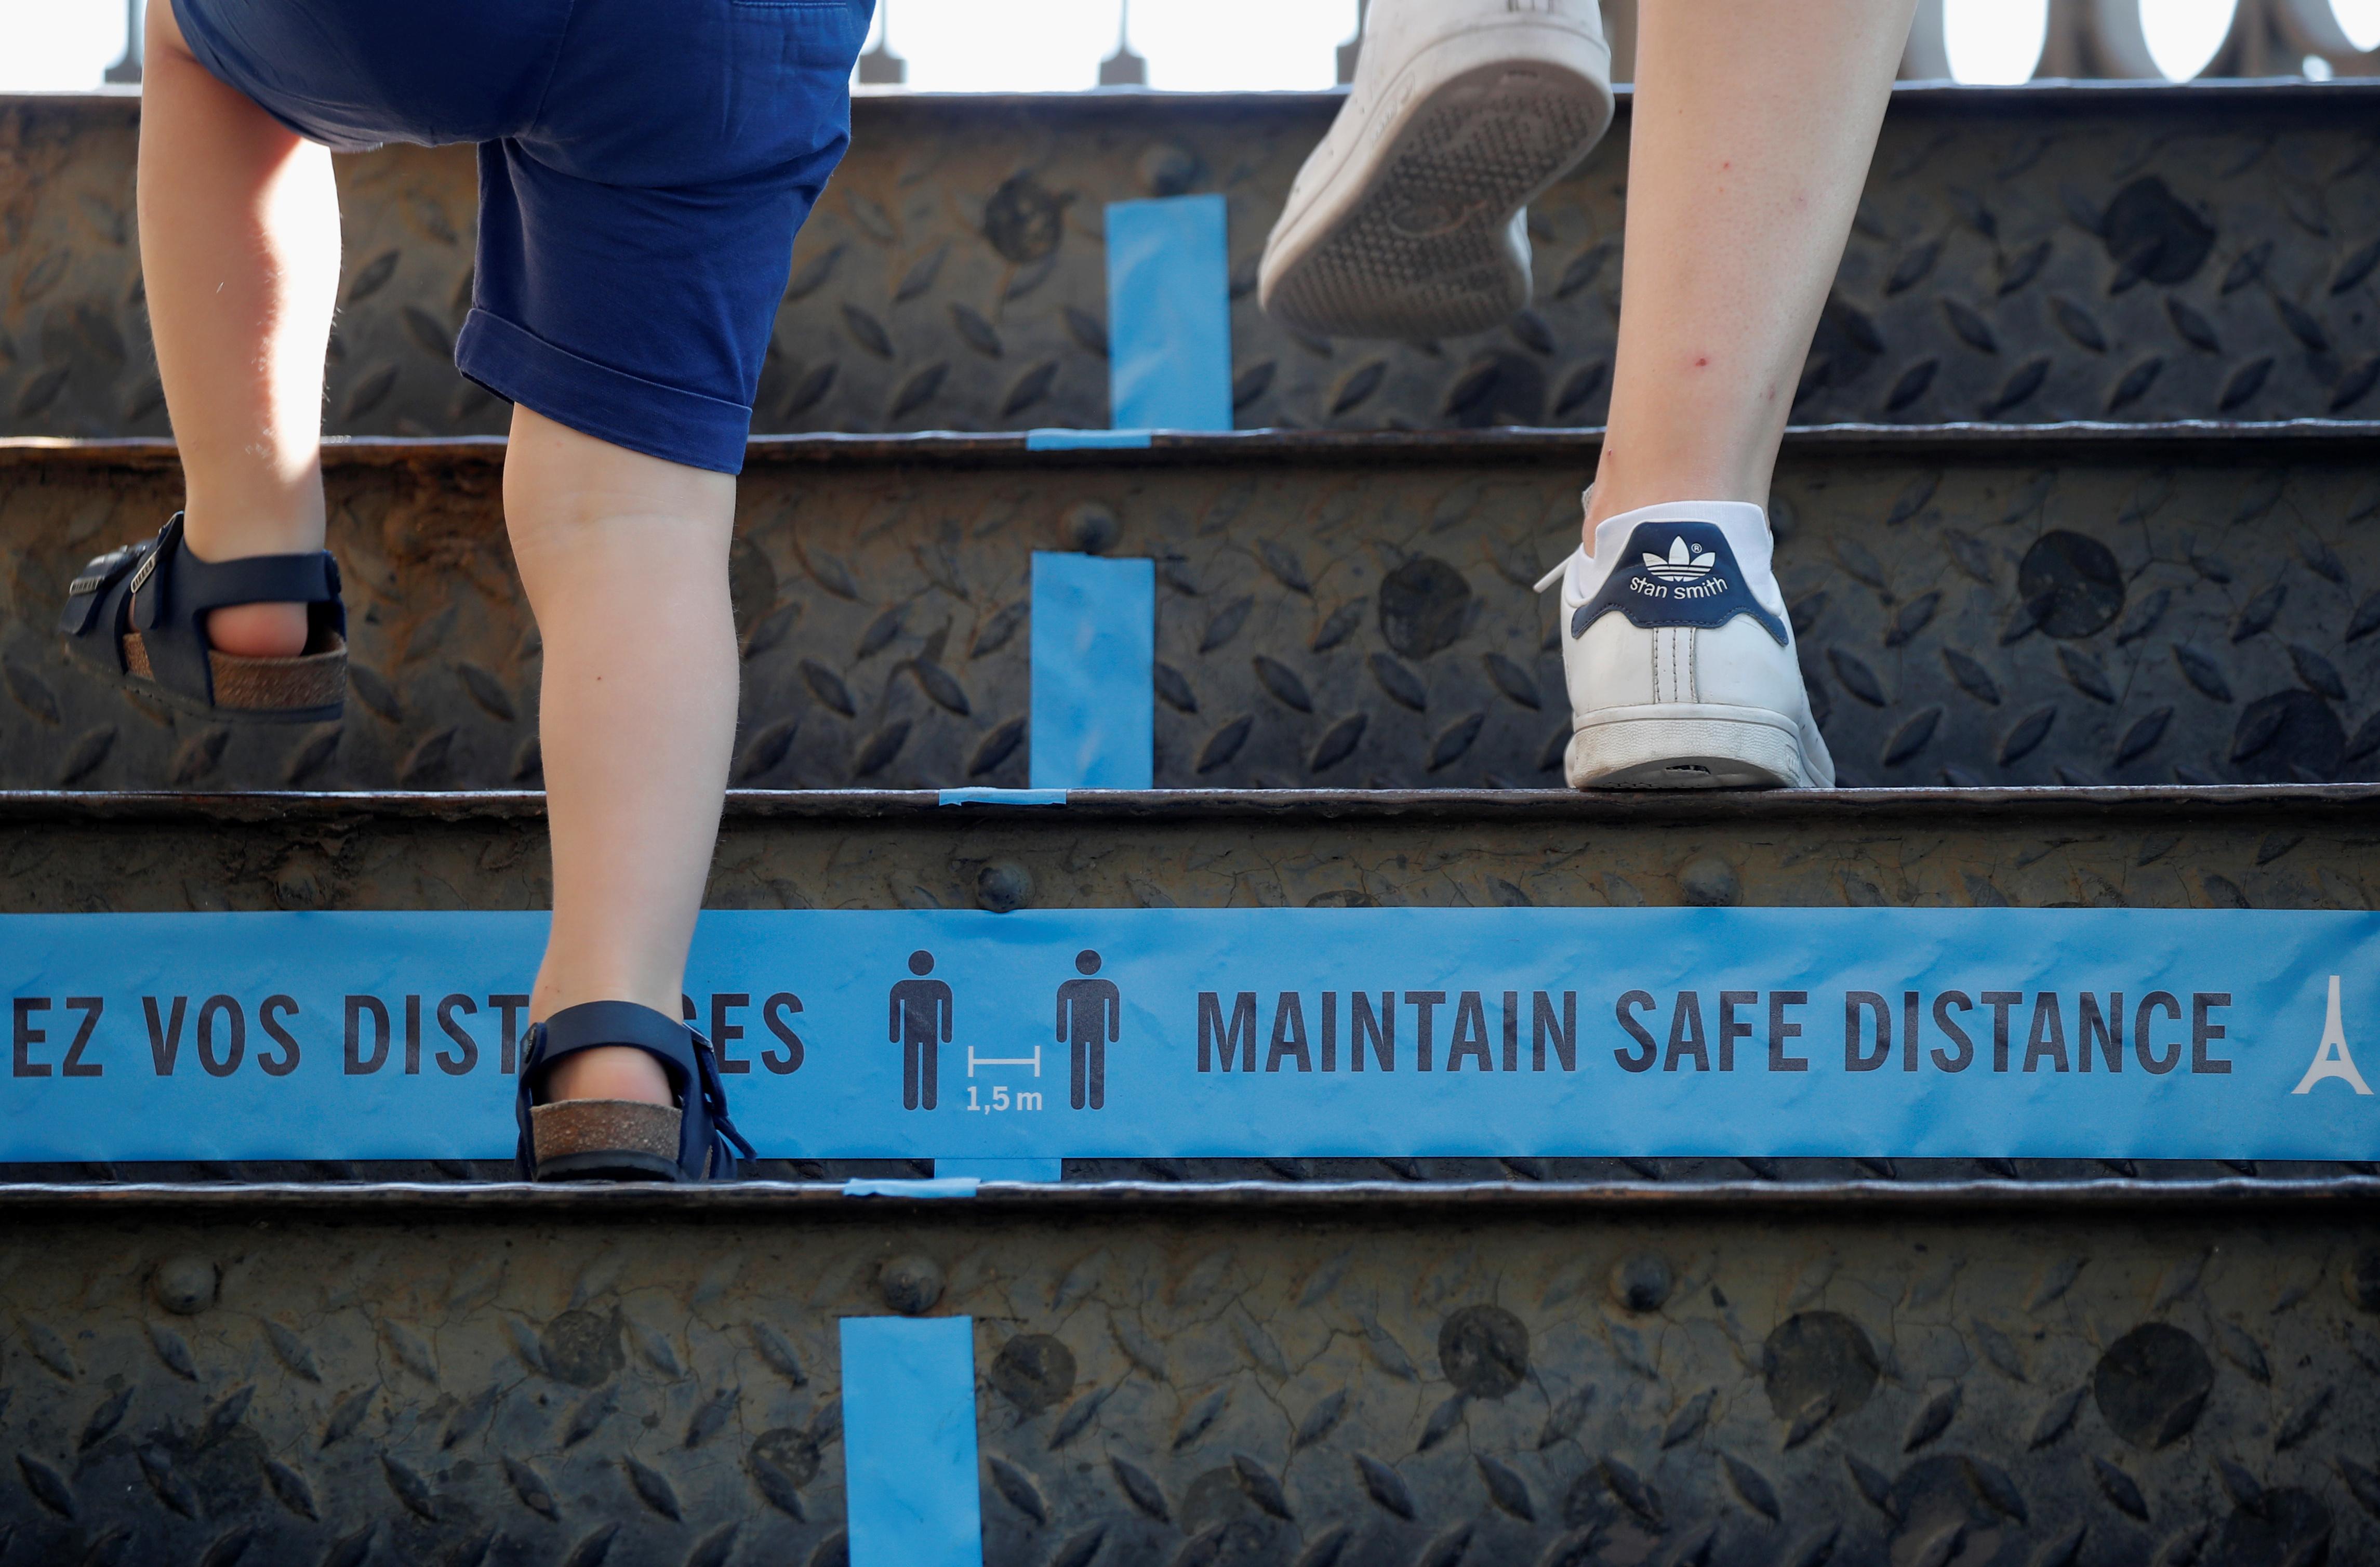 Si la situación sanitaria lo permite, los ascensores reabrirán en julio, excepto aquellos, más pequeños, que llevan hasta la cumbre de la torre de 324 metros de altura. Todo ello para garantizar una distancia segura entre los visitantes y limitar el riesgo de infección. (REUTERS/Charles Platiau)